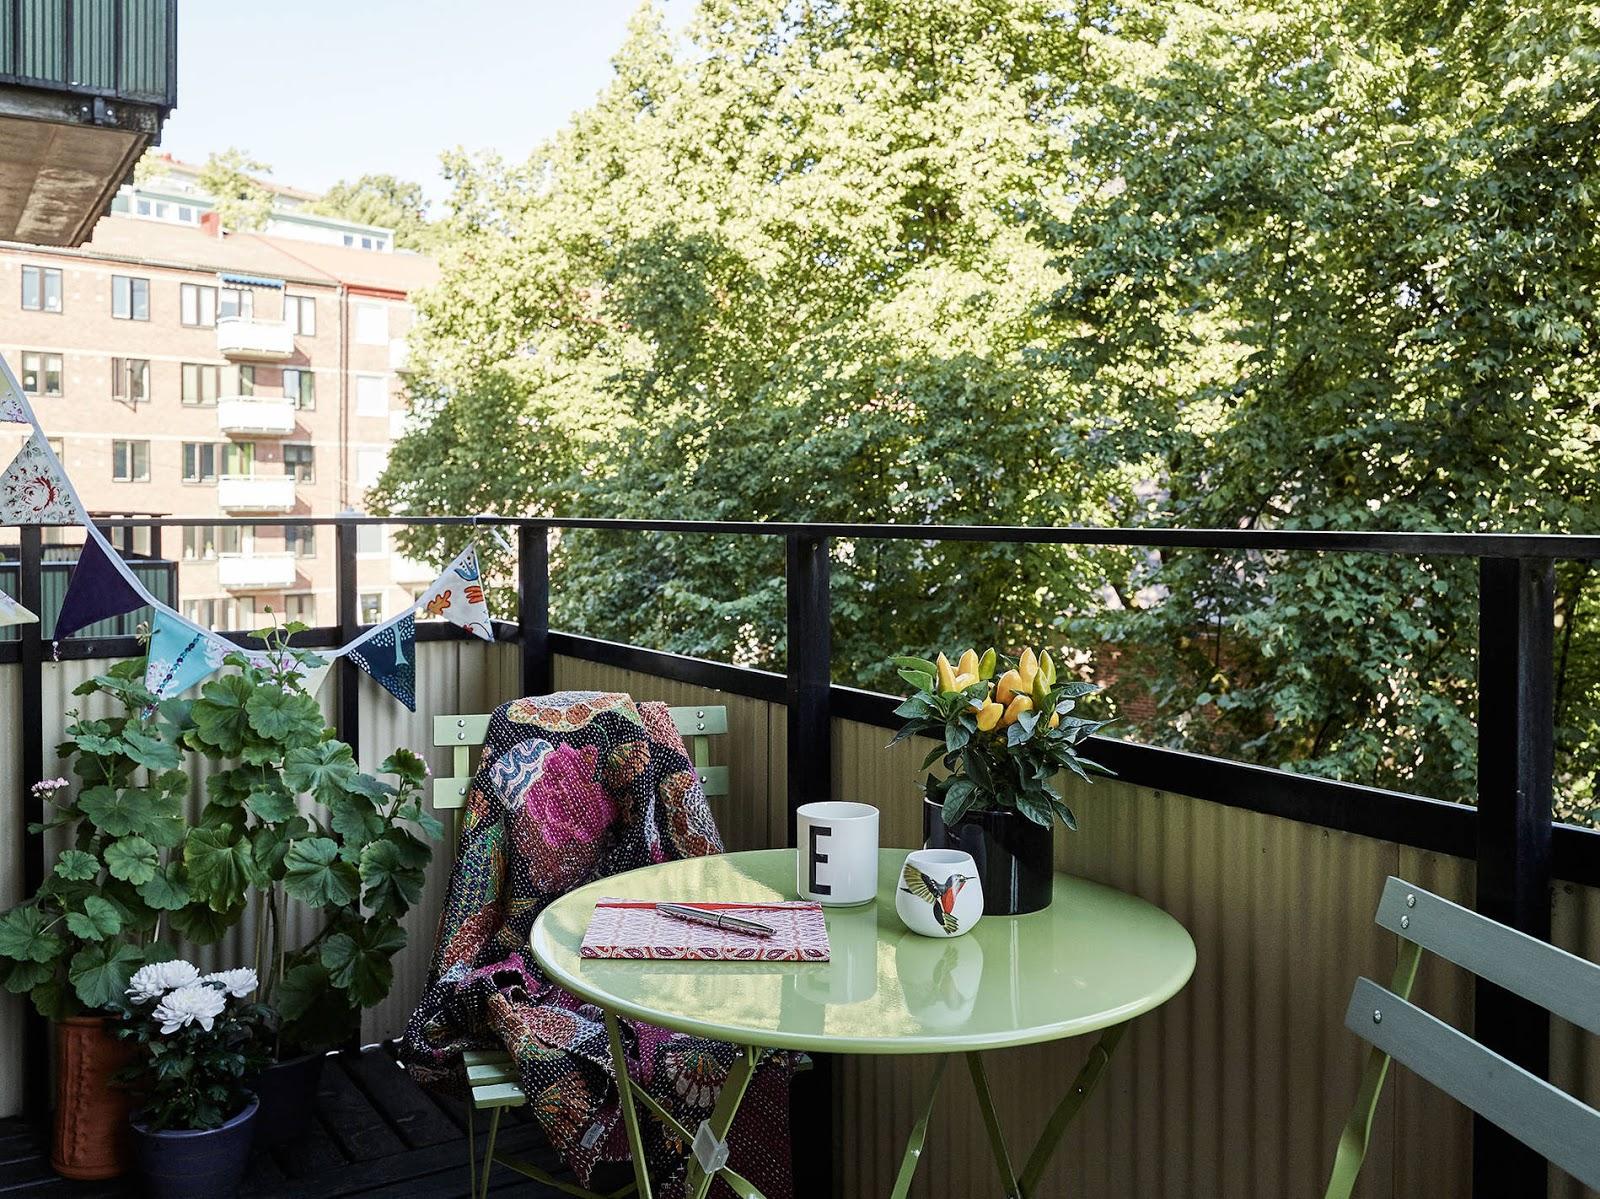 jak w tani sposób odmienić swój balkon?